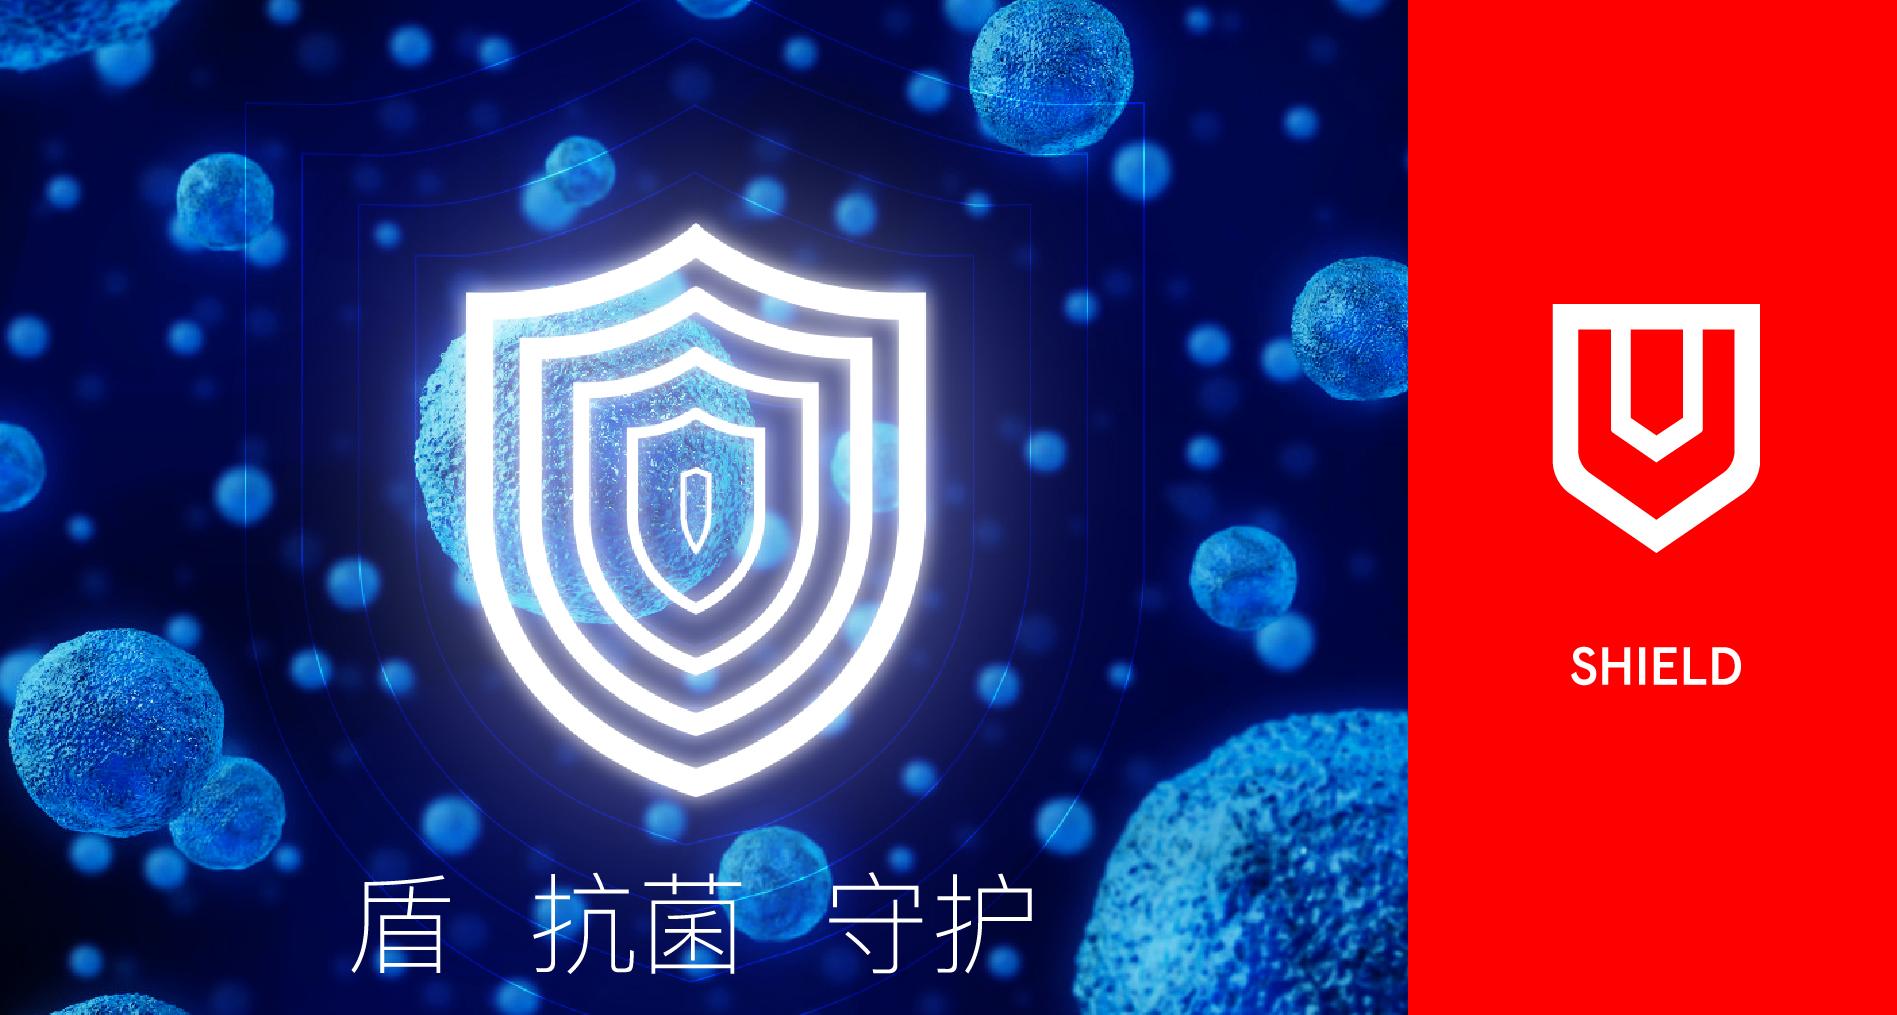 金辉厨刀的新濠天地网站登入创建(图30)